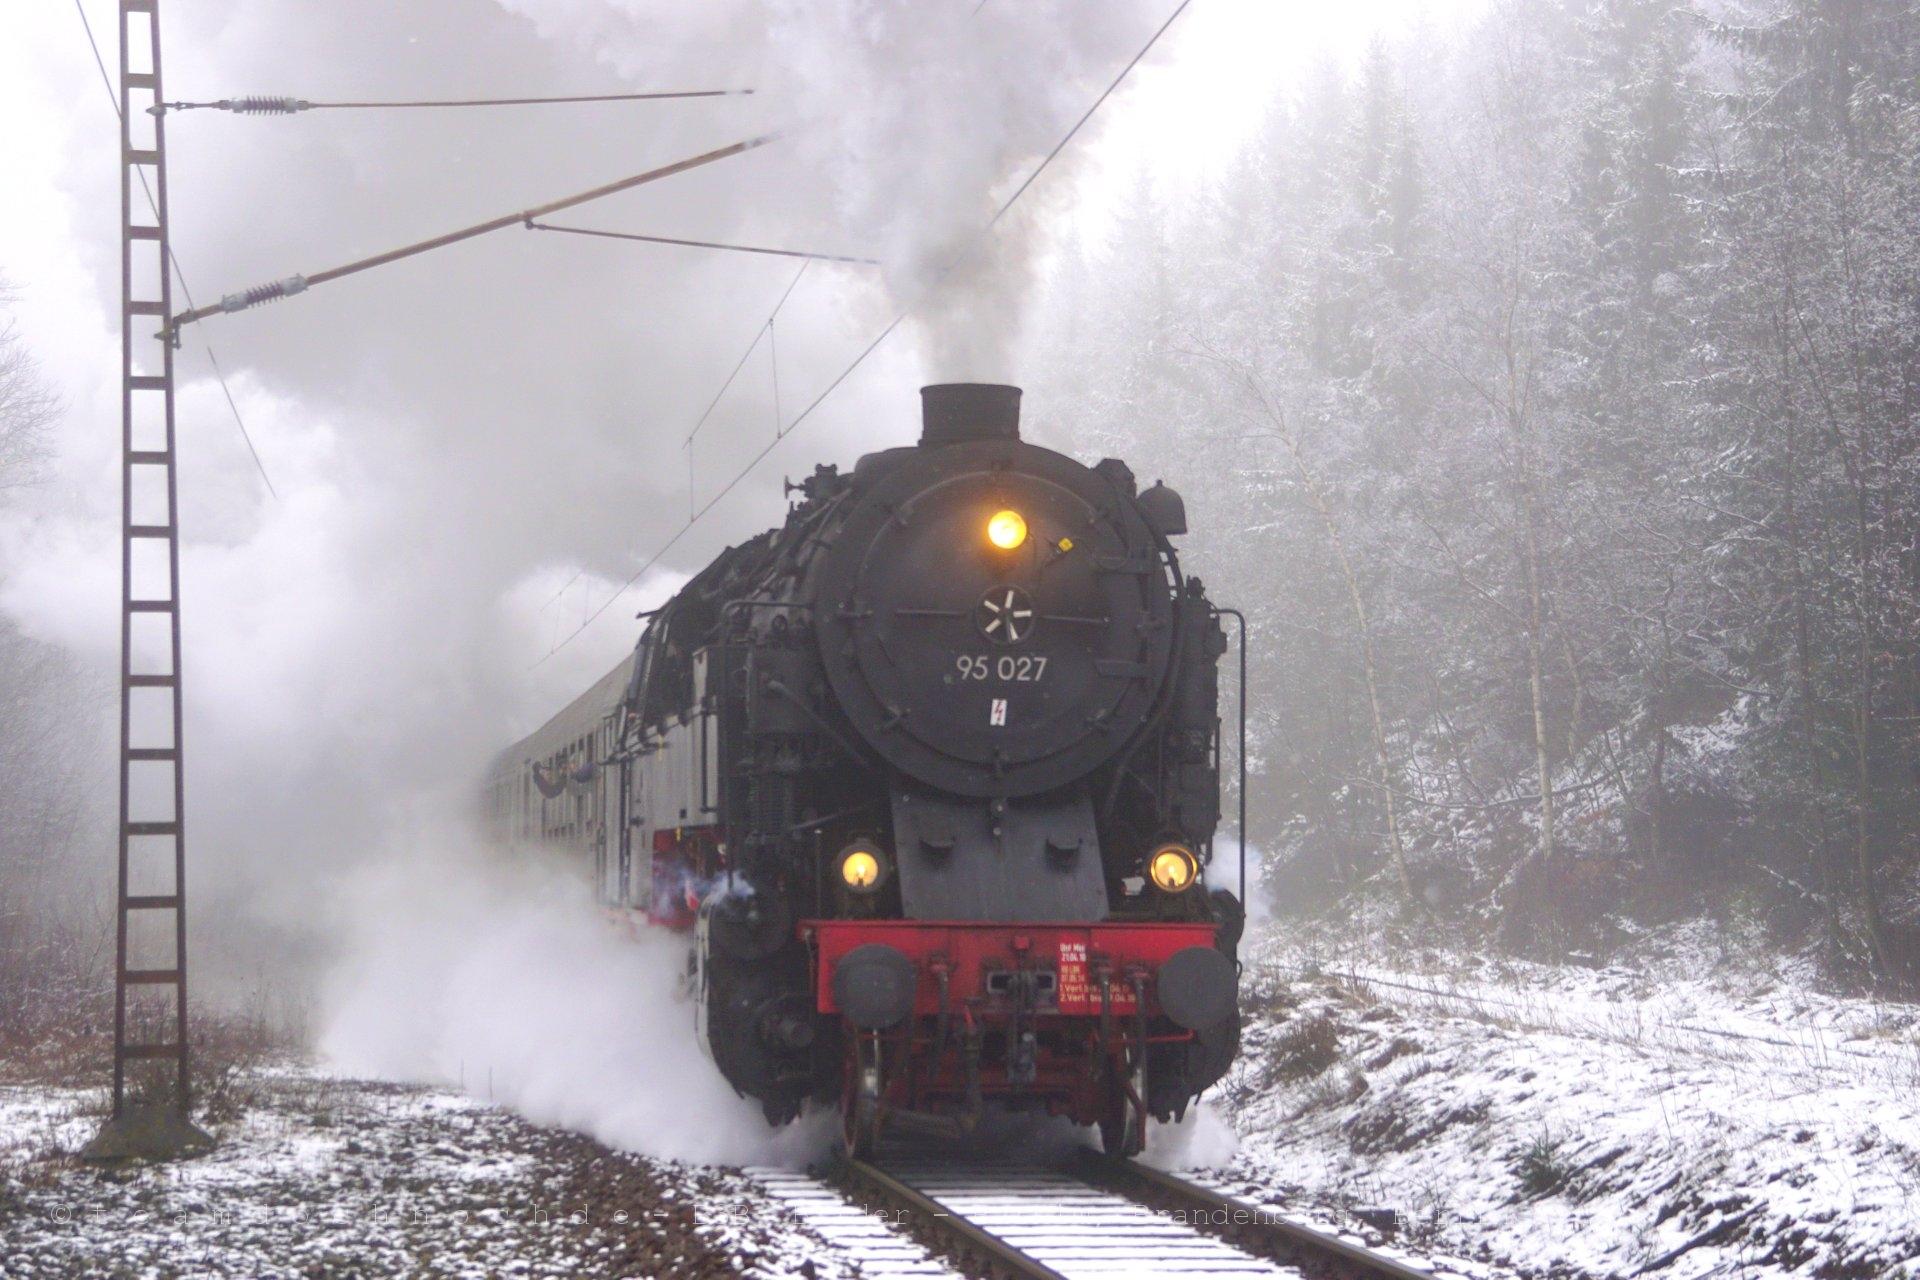 Auf Sonderfahrt mit 95 027 im verschneiten Teil des Harzes